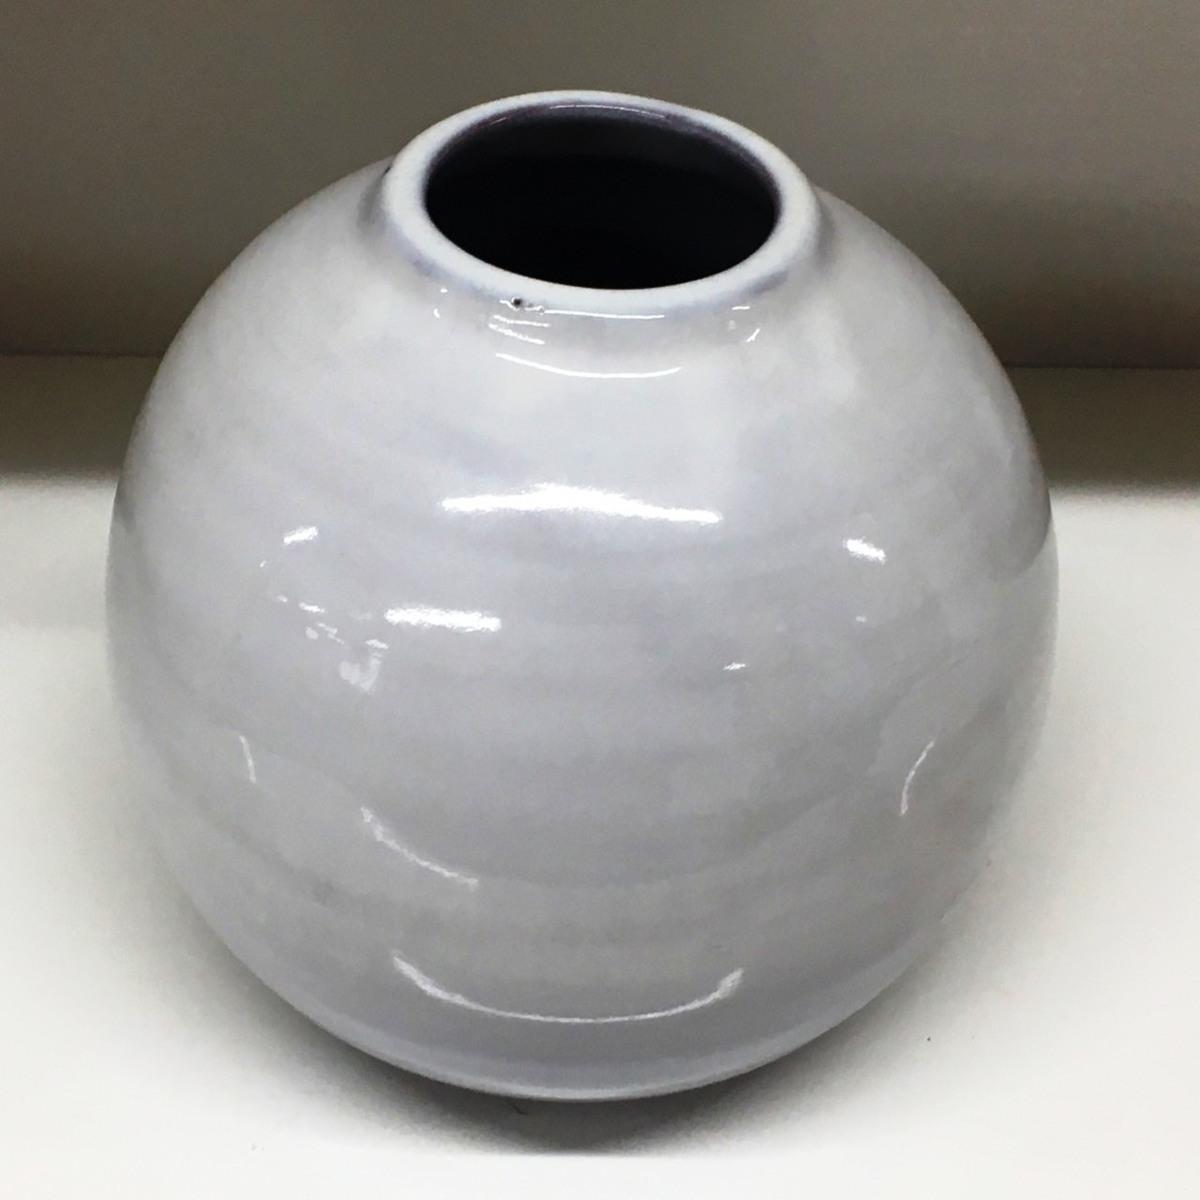 ■萩焼 天鵬 花瓶 高さ約19cm /中古品 フラワーベース 花入 インテリア ⇔■_画像1